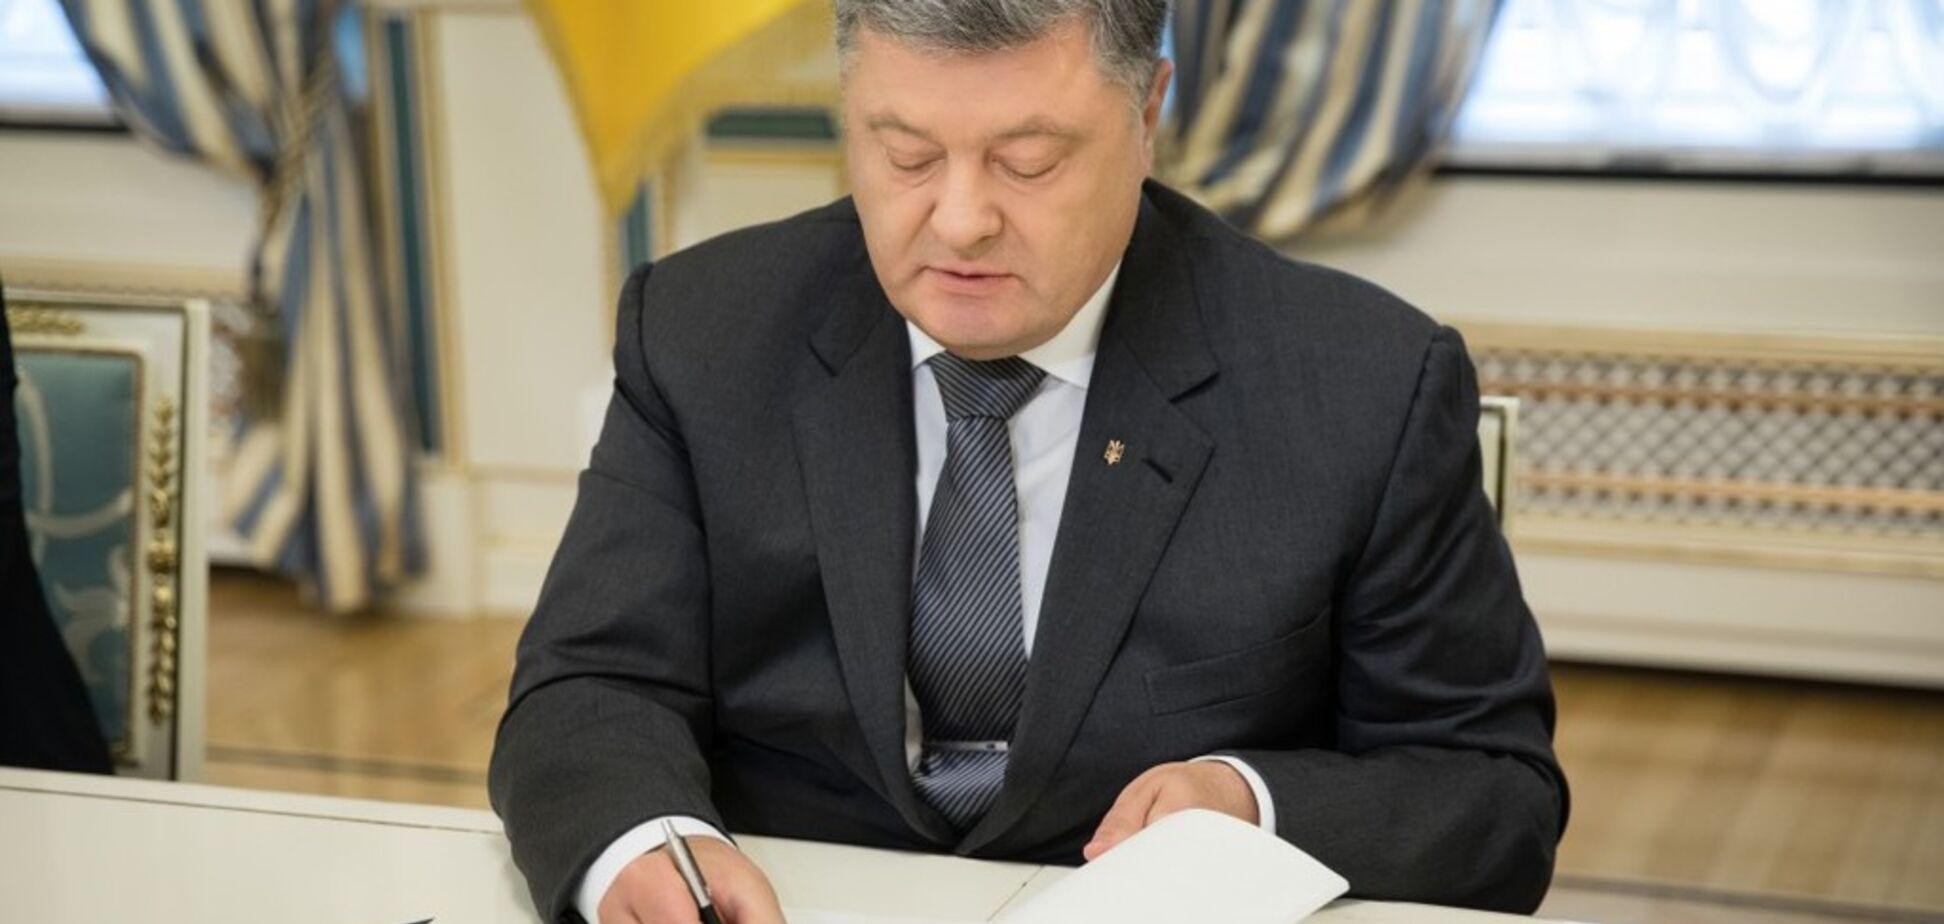 Статус ветеранов УПА в Украине: Порошенко поставил точку